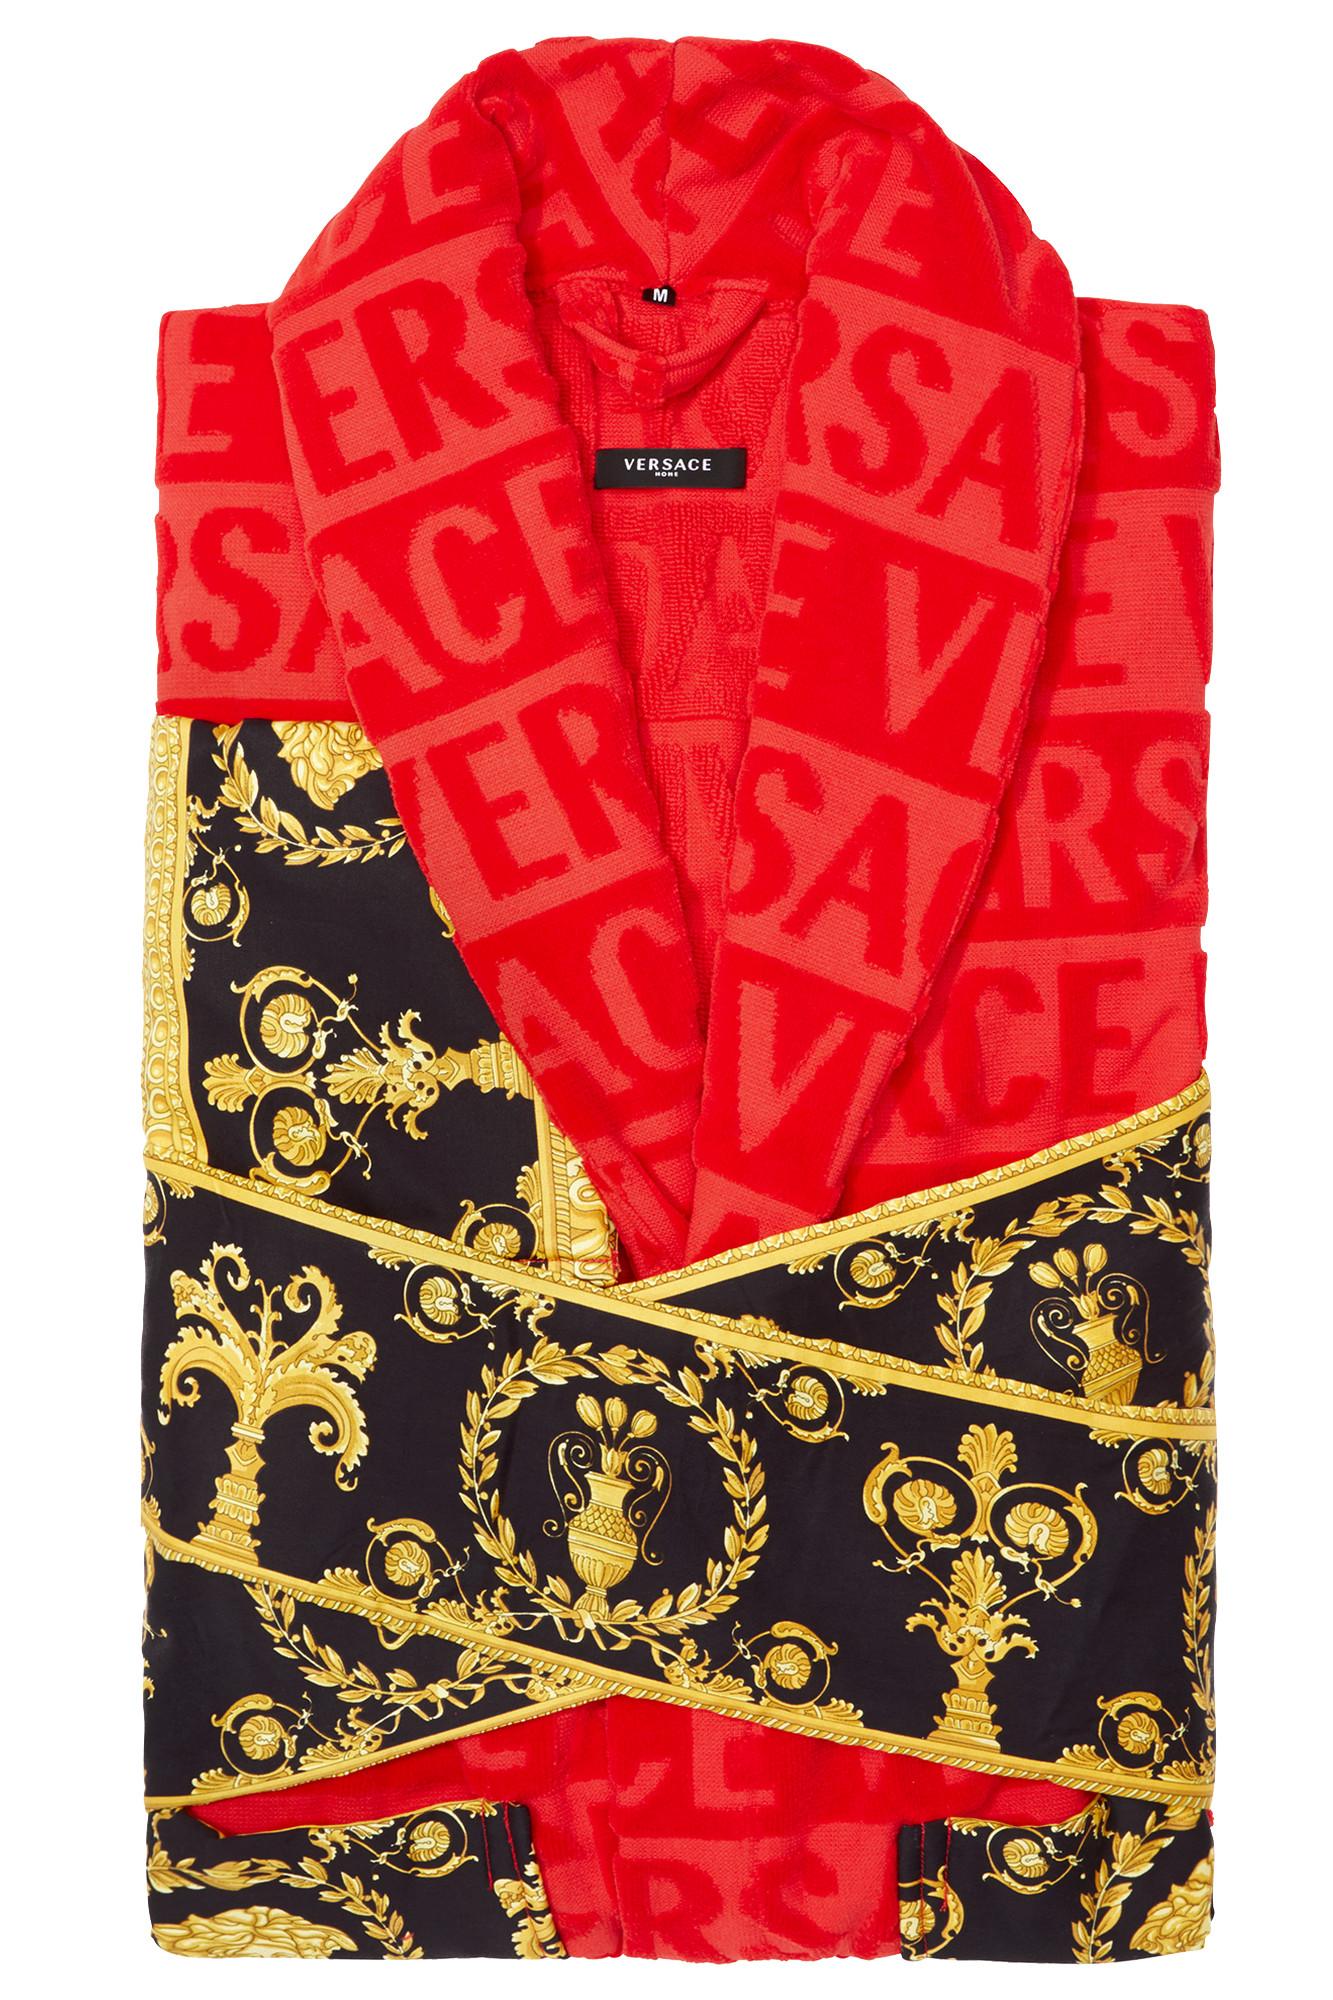 Versace I ♡ Baroque Bathrobe Red Jaguar Mode